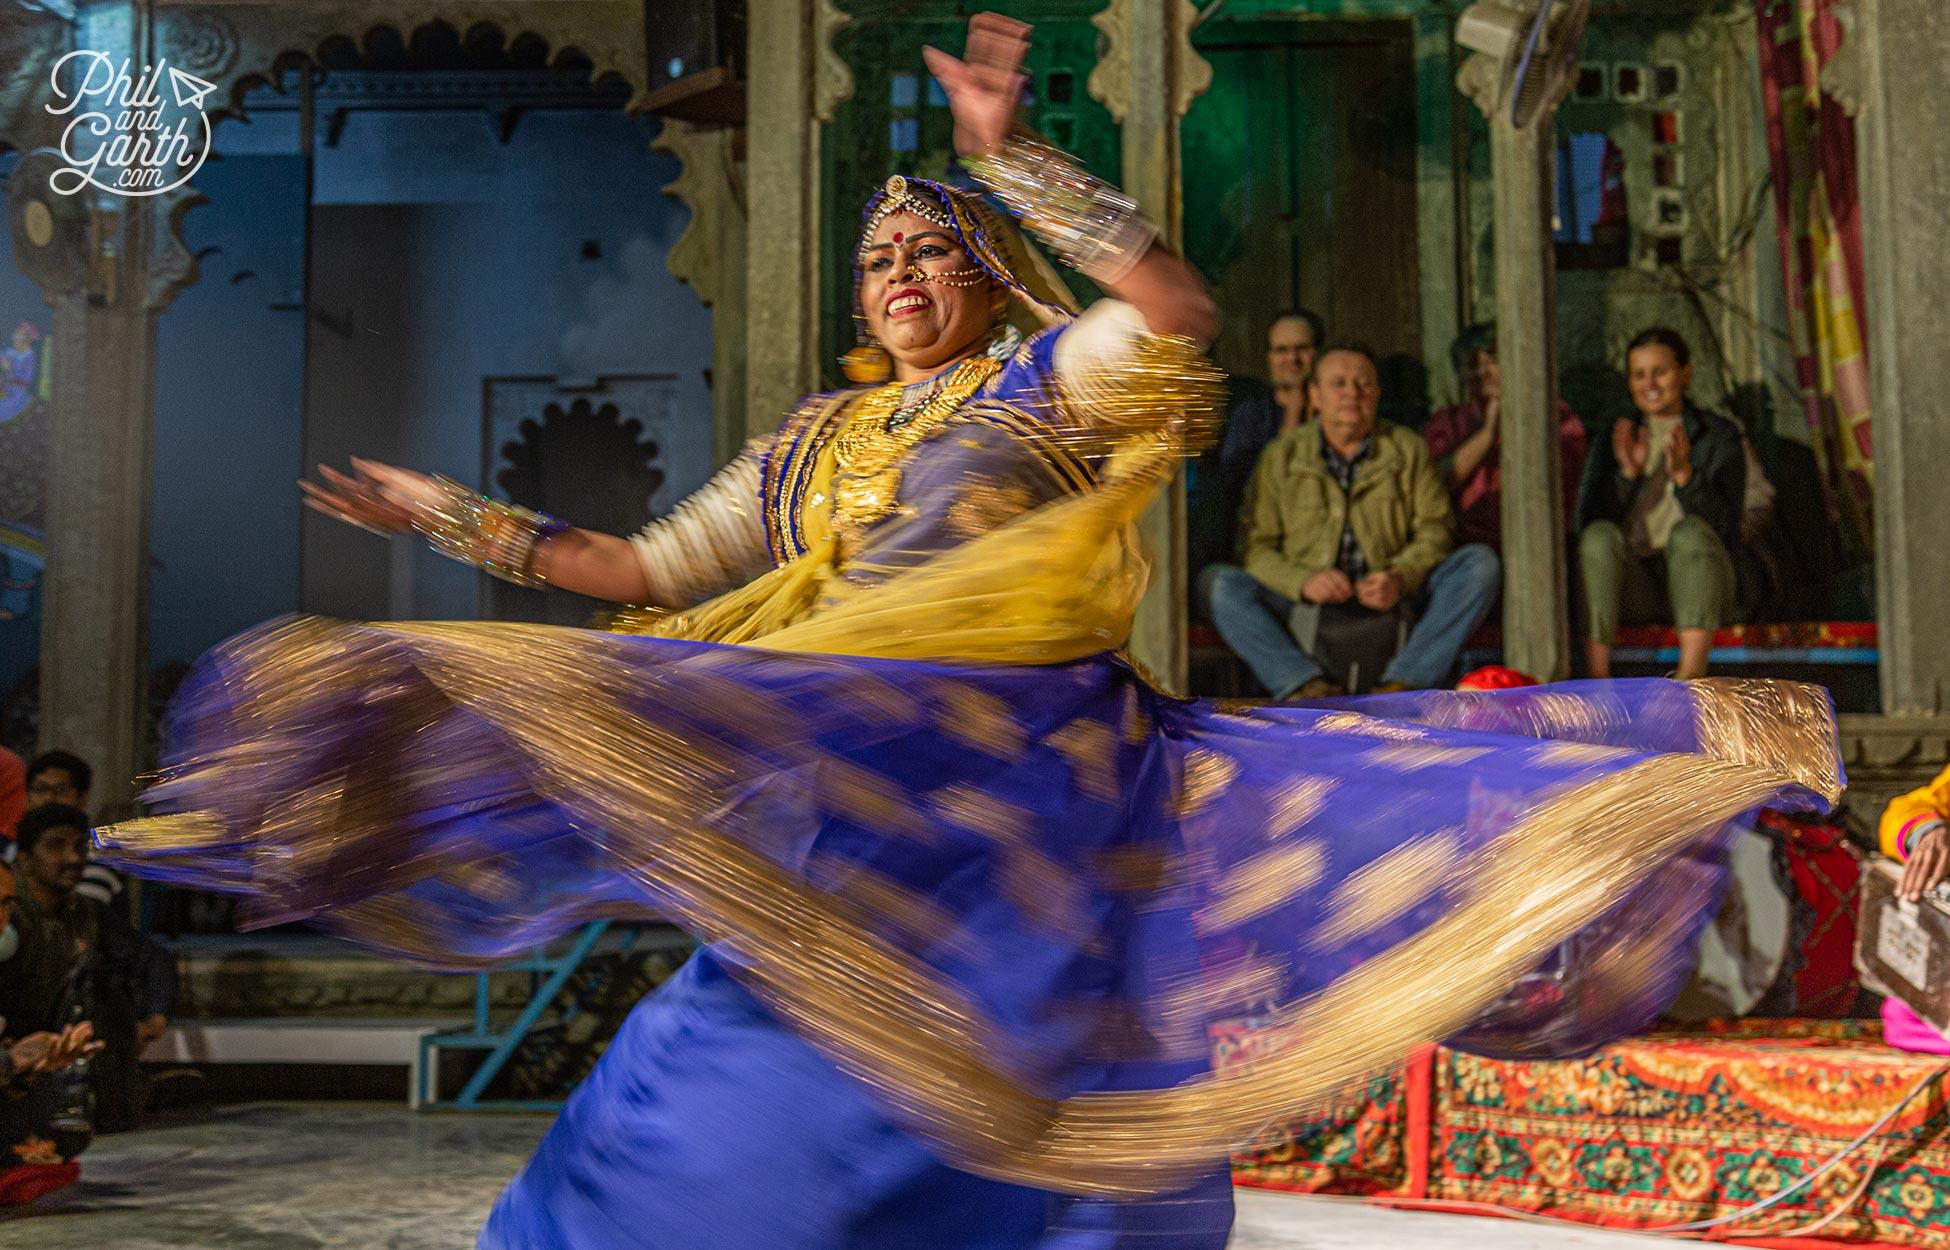 Dharohar Folk Dance Show at Bagore Ki Haveli Museum